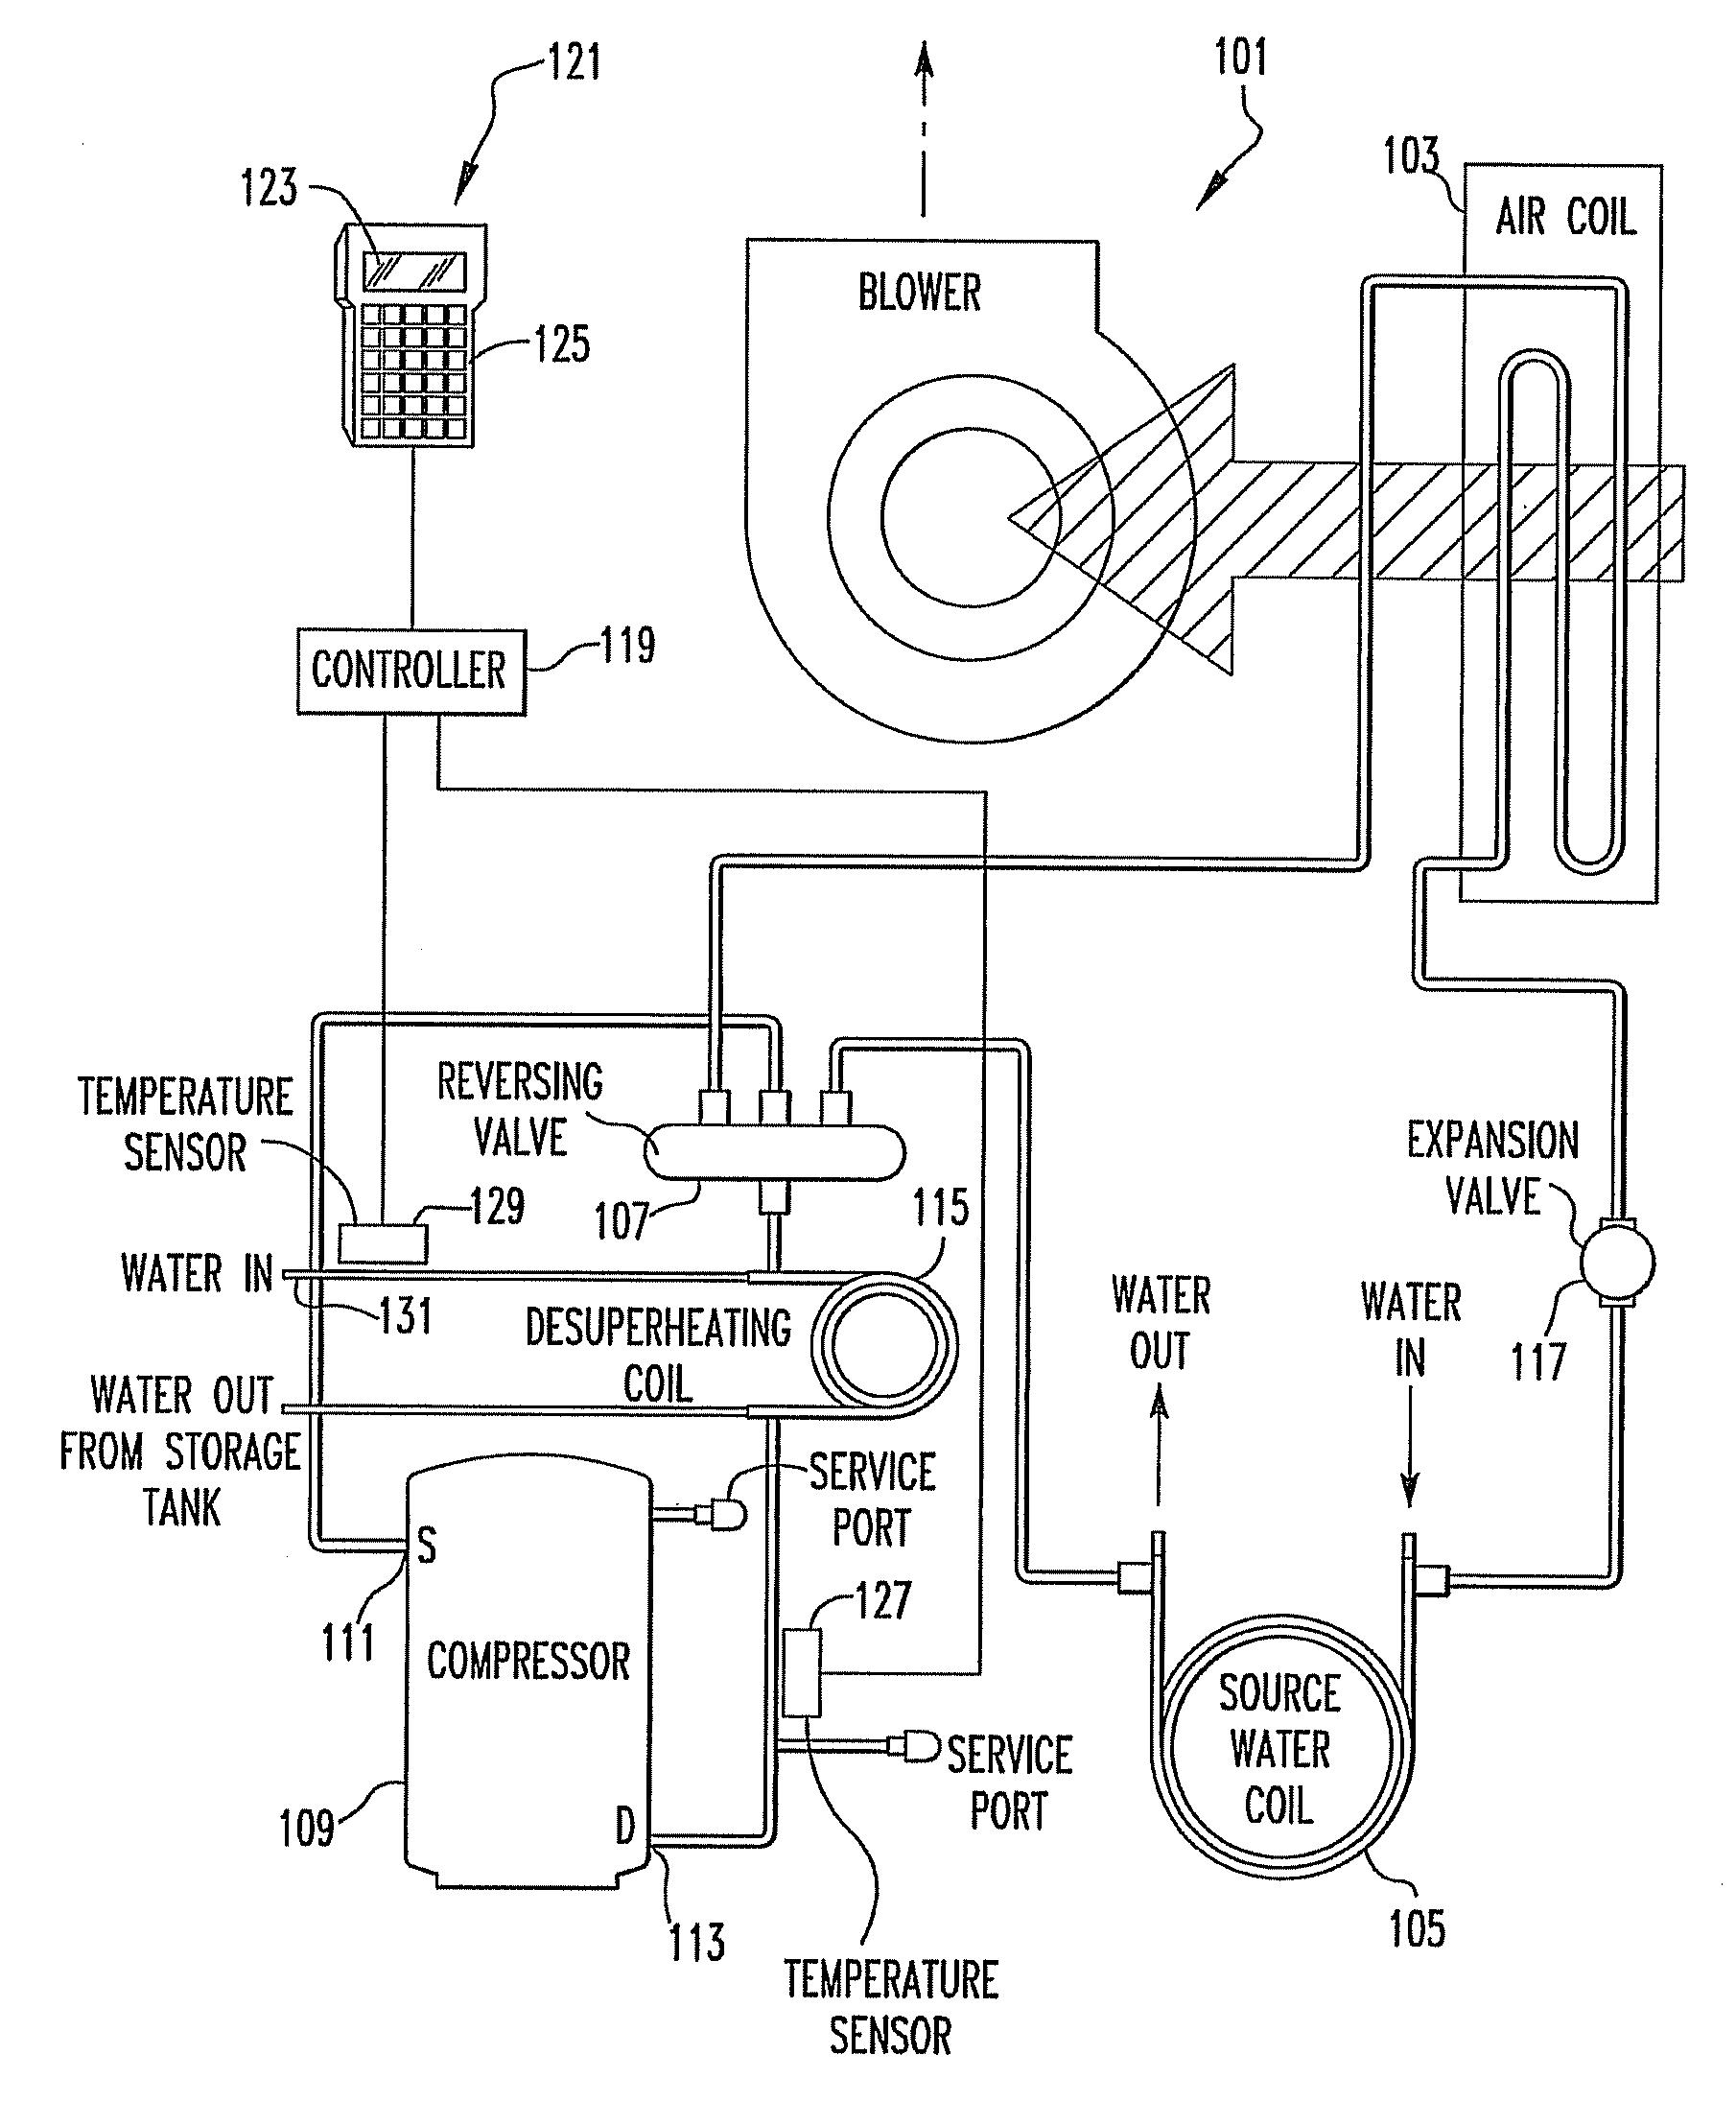 mitsubishi industrial truck schematics schematic library Mitsubishi FG25N mitsubishi industrial truck schematics best wiring library